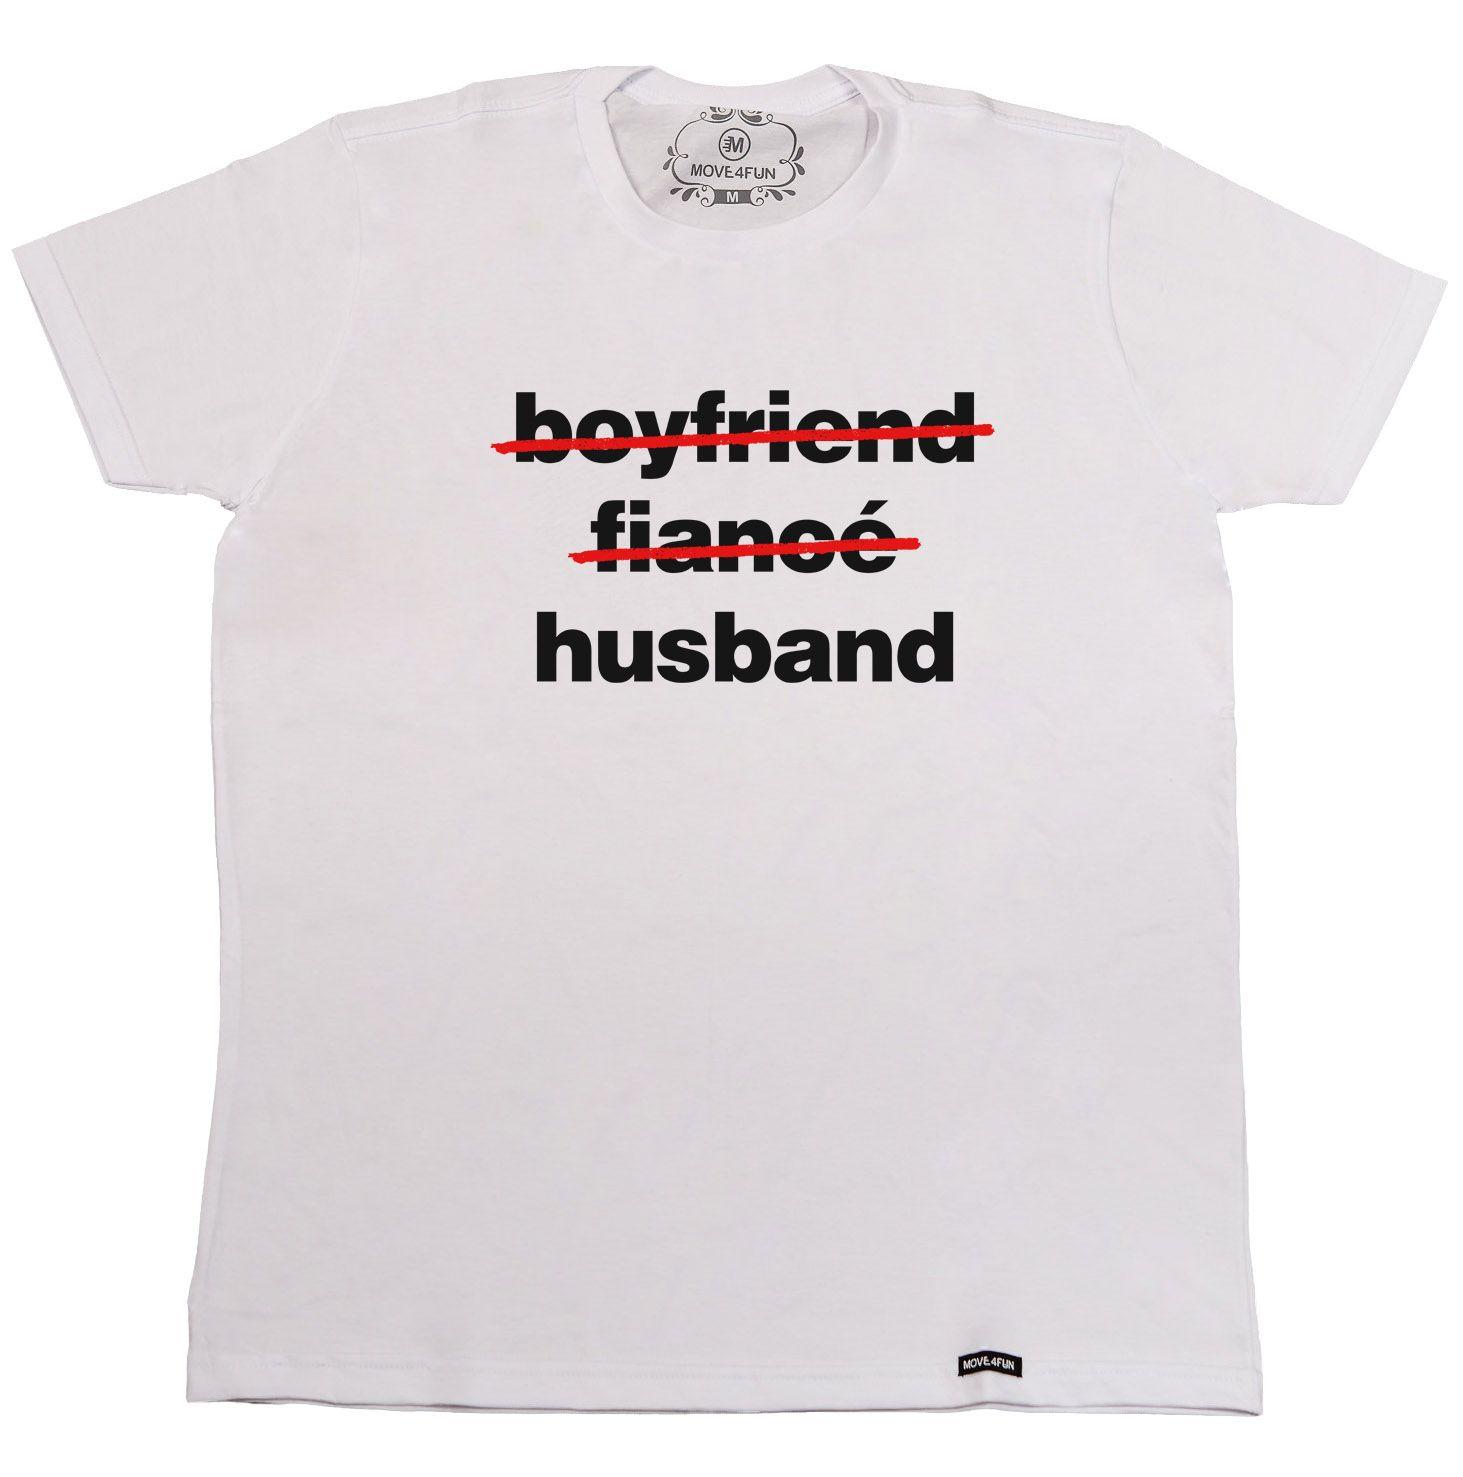 97359aaf6 Camiseta Cuidado! Despedida de solteiro em andamento